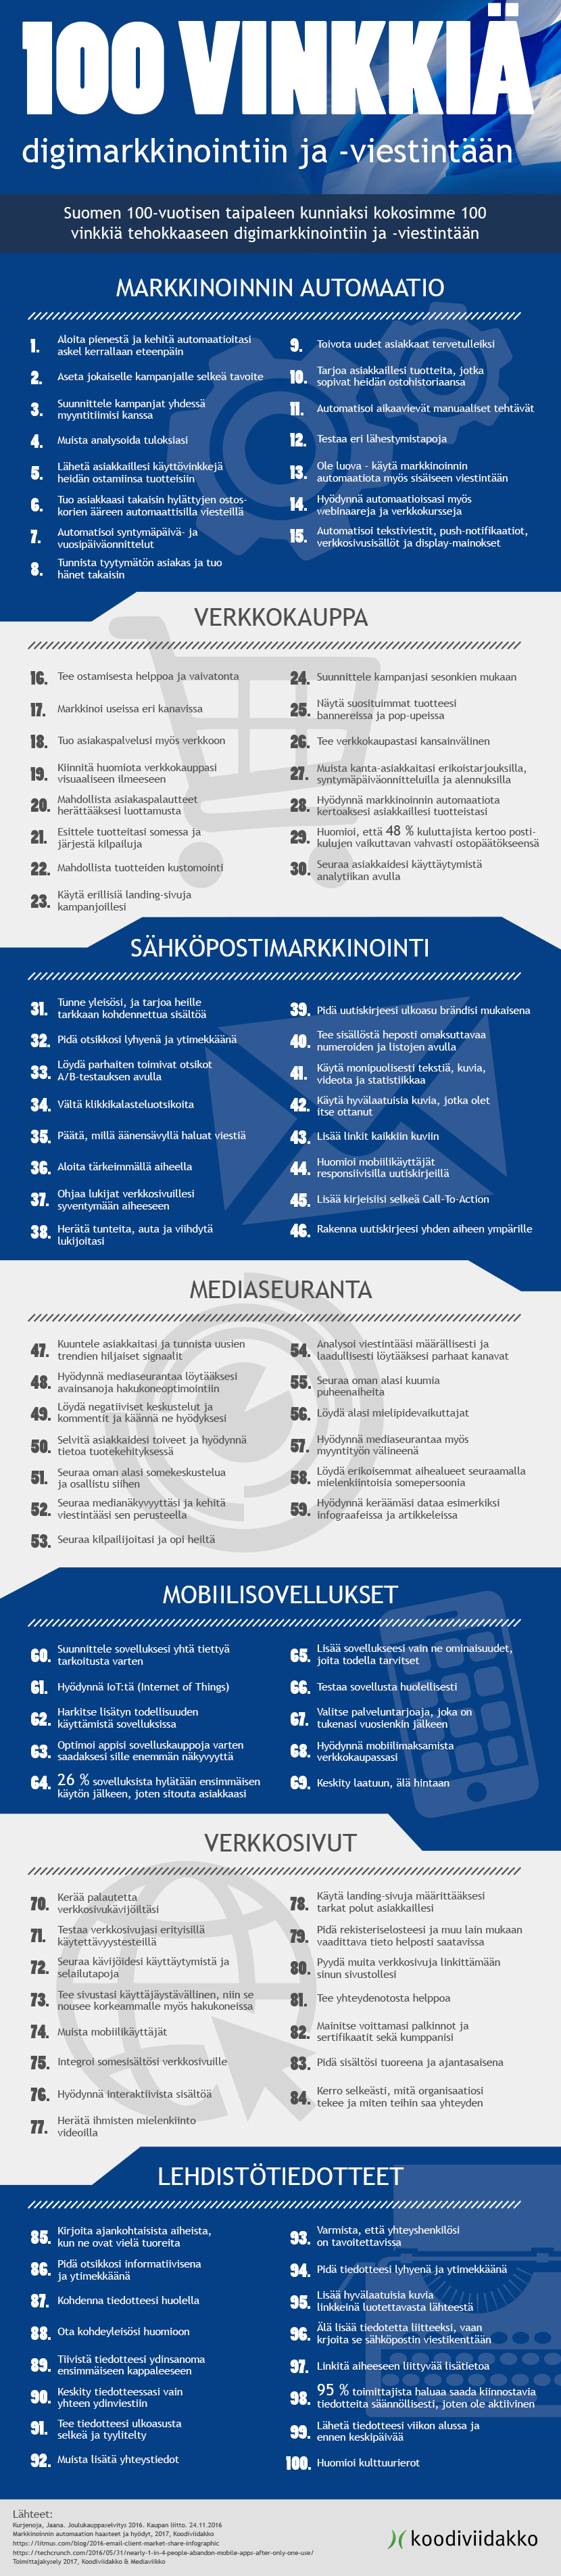 Suomen 100-vuotistaipaleen kunniaksi keräsimme 100 vinkkiä digitaaliseen markkinointiin ja viestintään